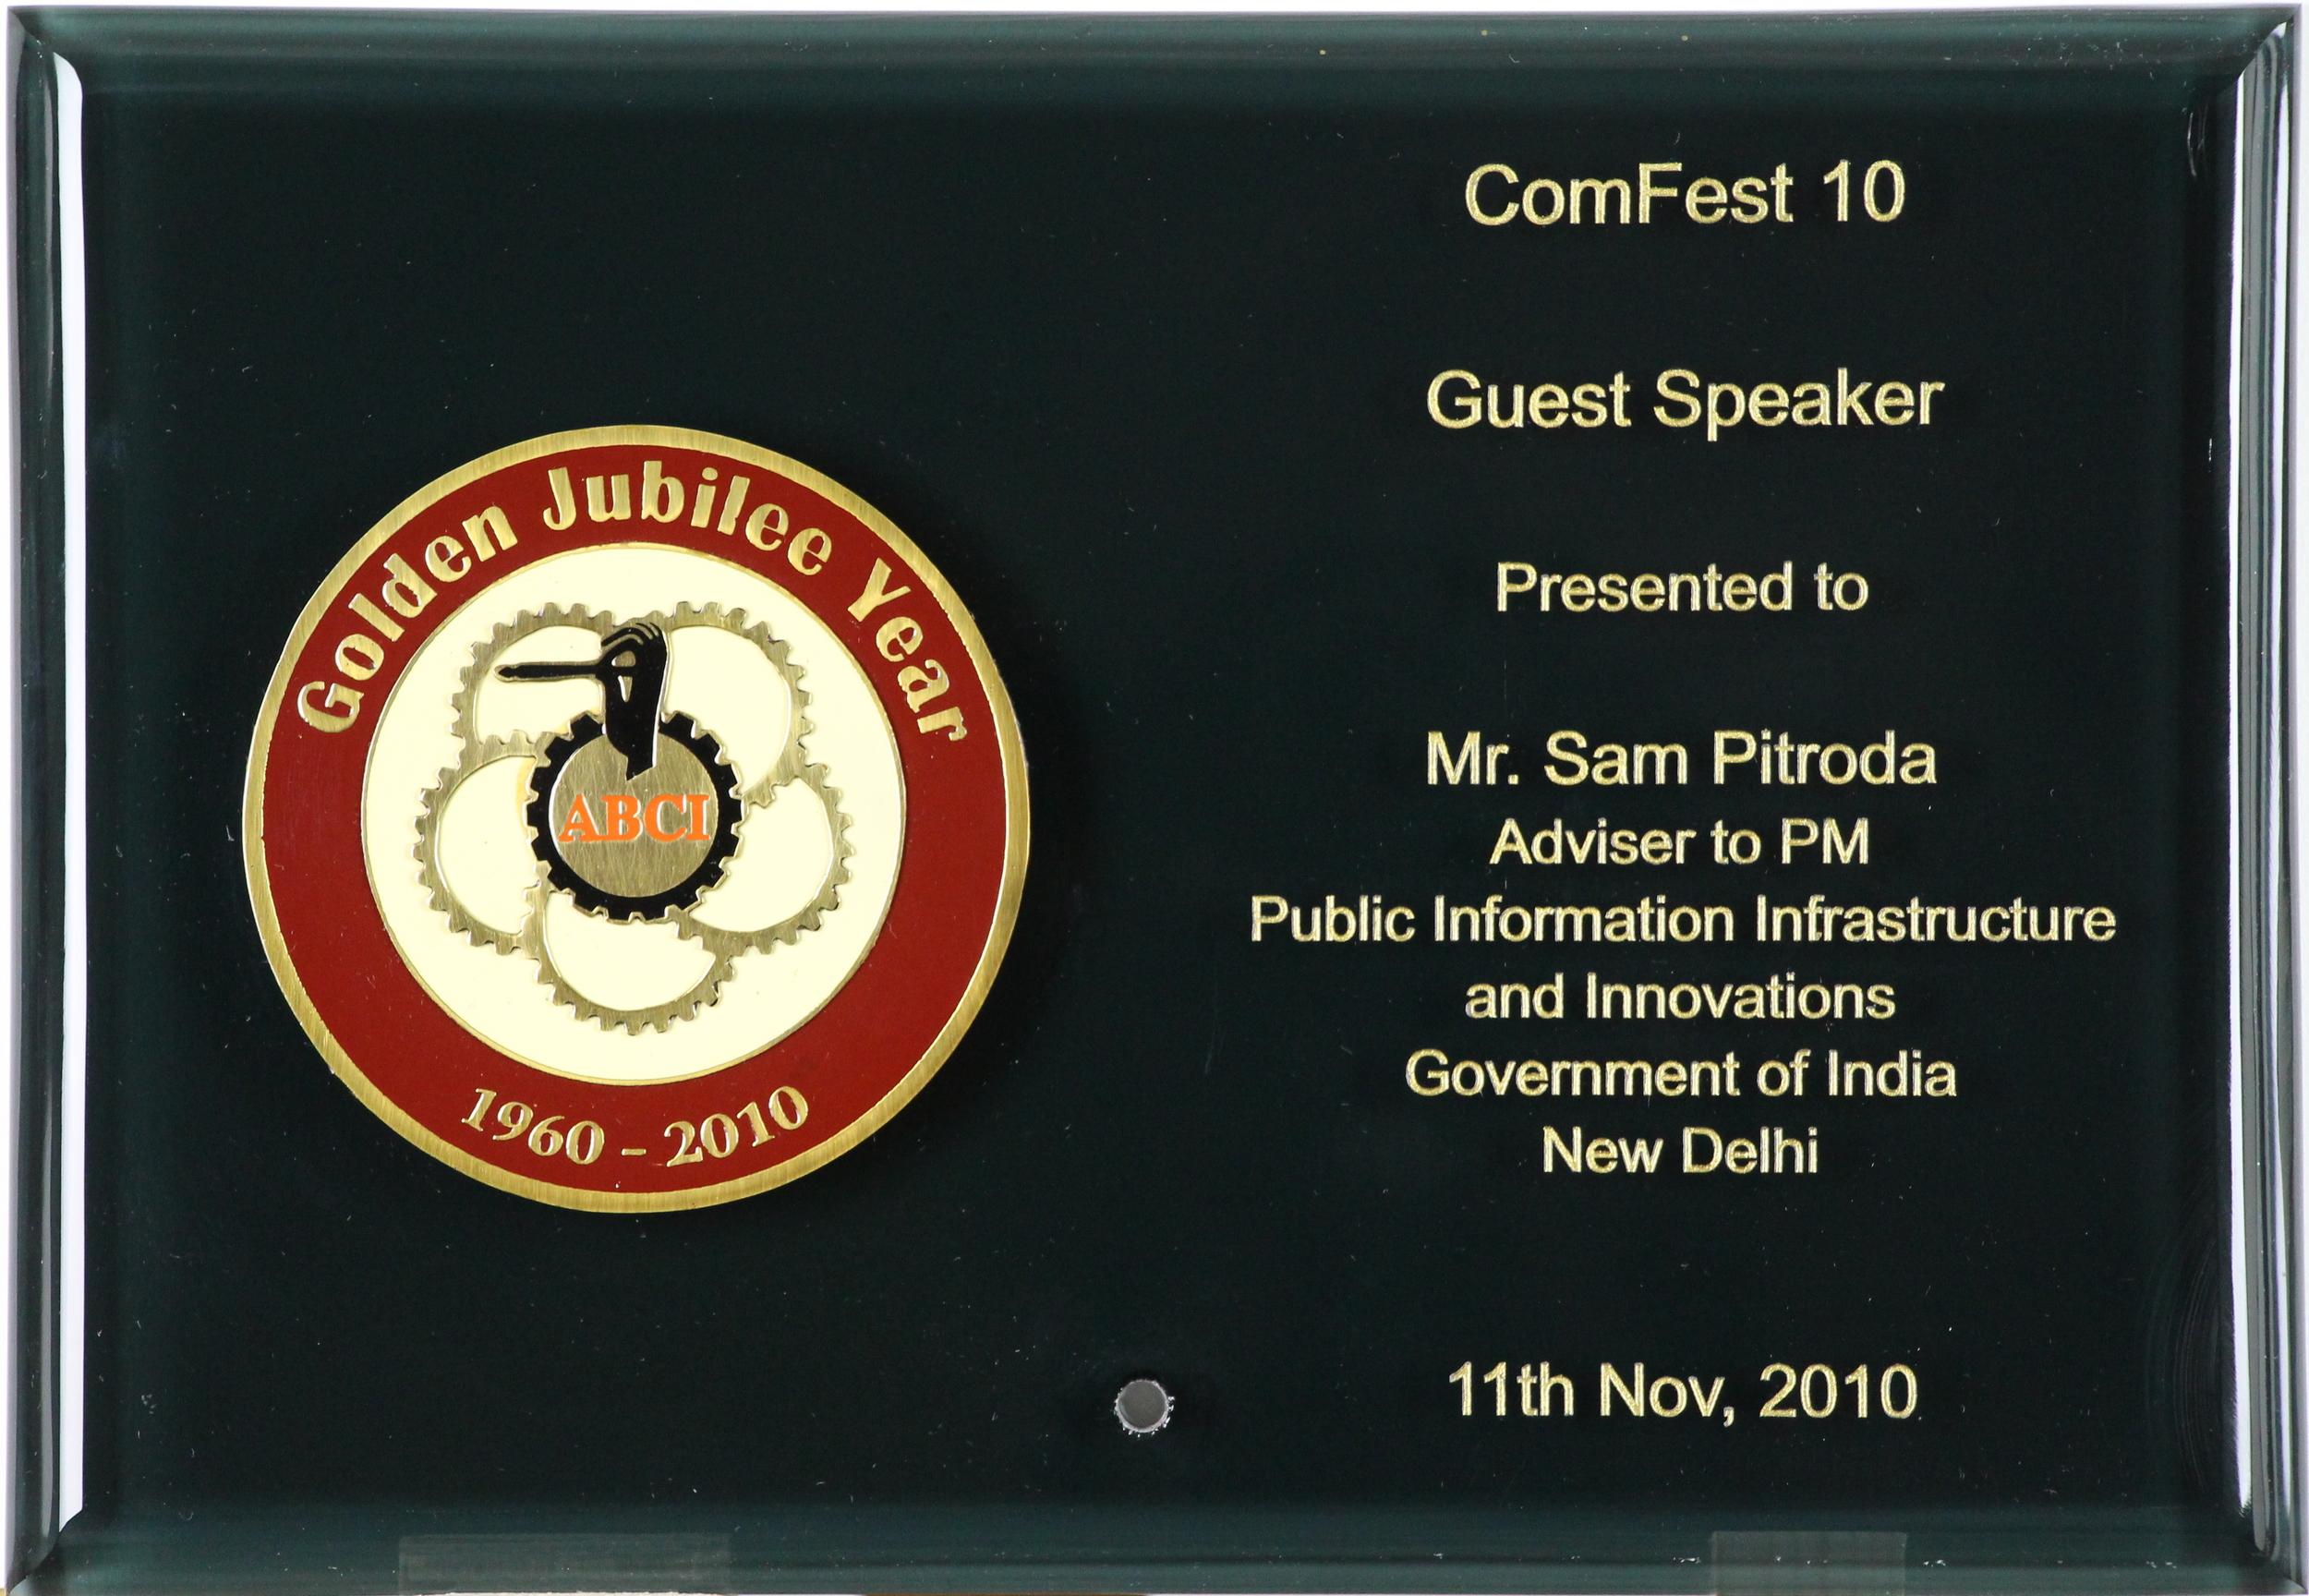 Guest Speaker Award, Golden Jubilee Year, ComFest 10, 2010